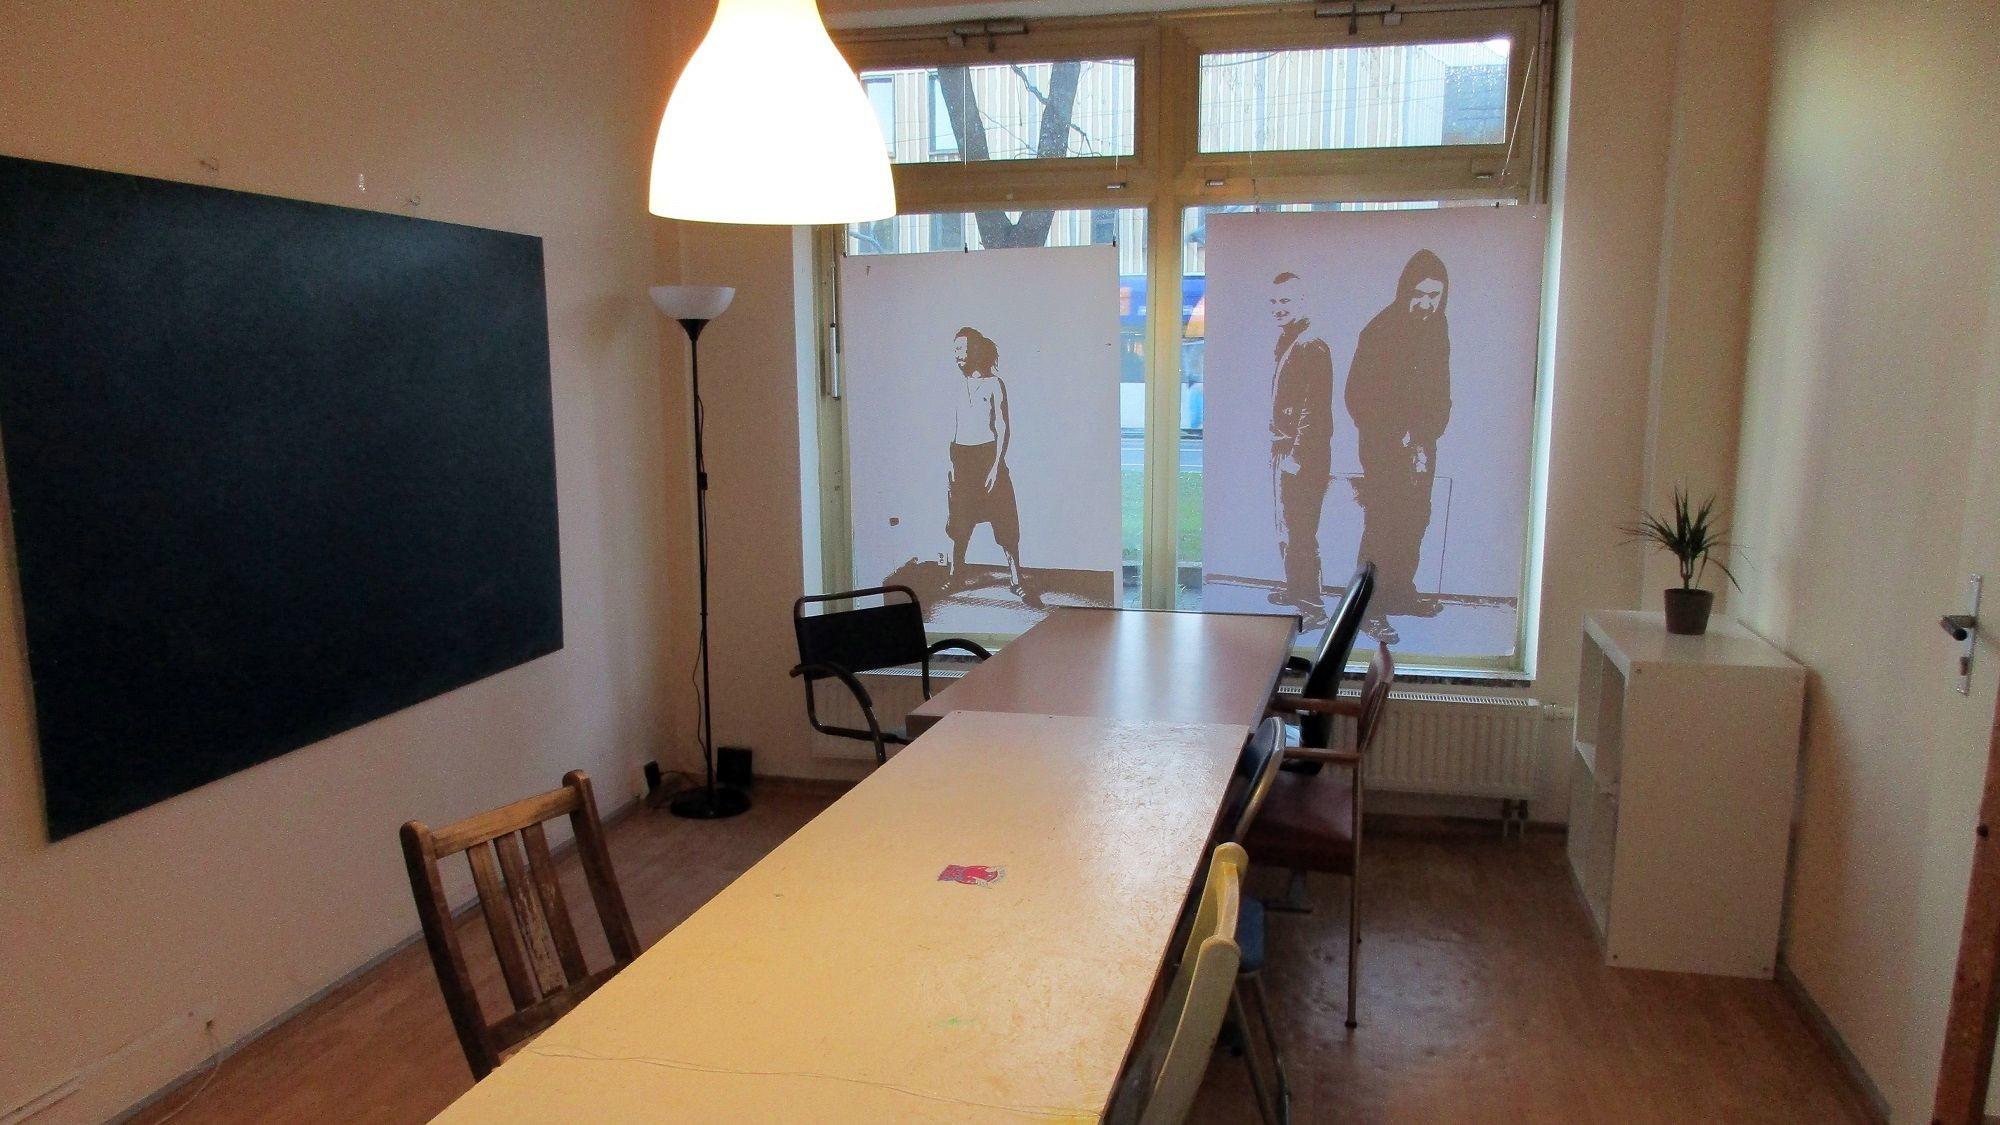 Unterrichtsraum in der Straßenschule